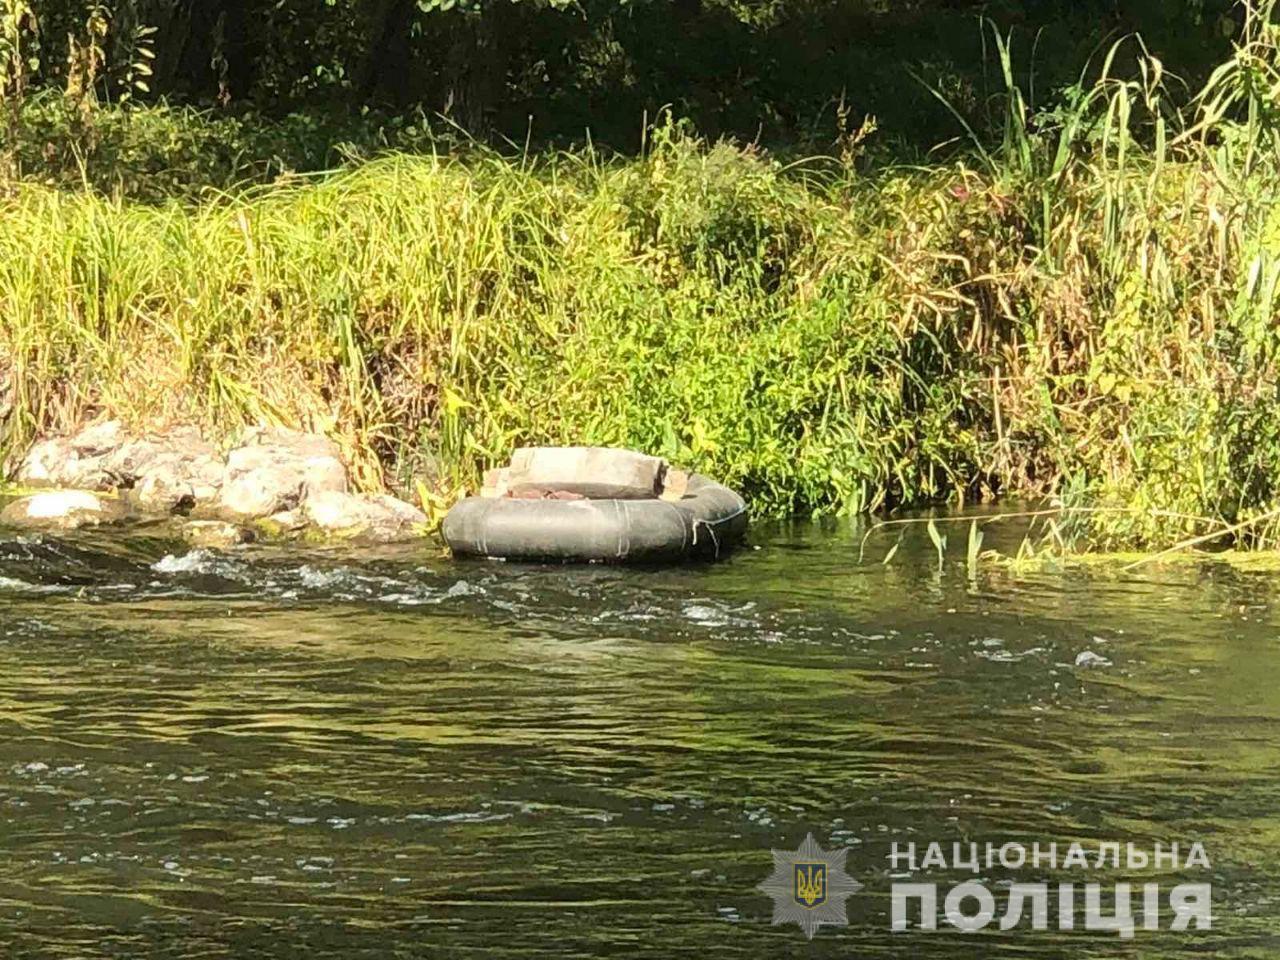 Под Харьковом на реке Северский Донец утонул пожилой рыбак - Анатолий Сабодаш пропал 15 сентября